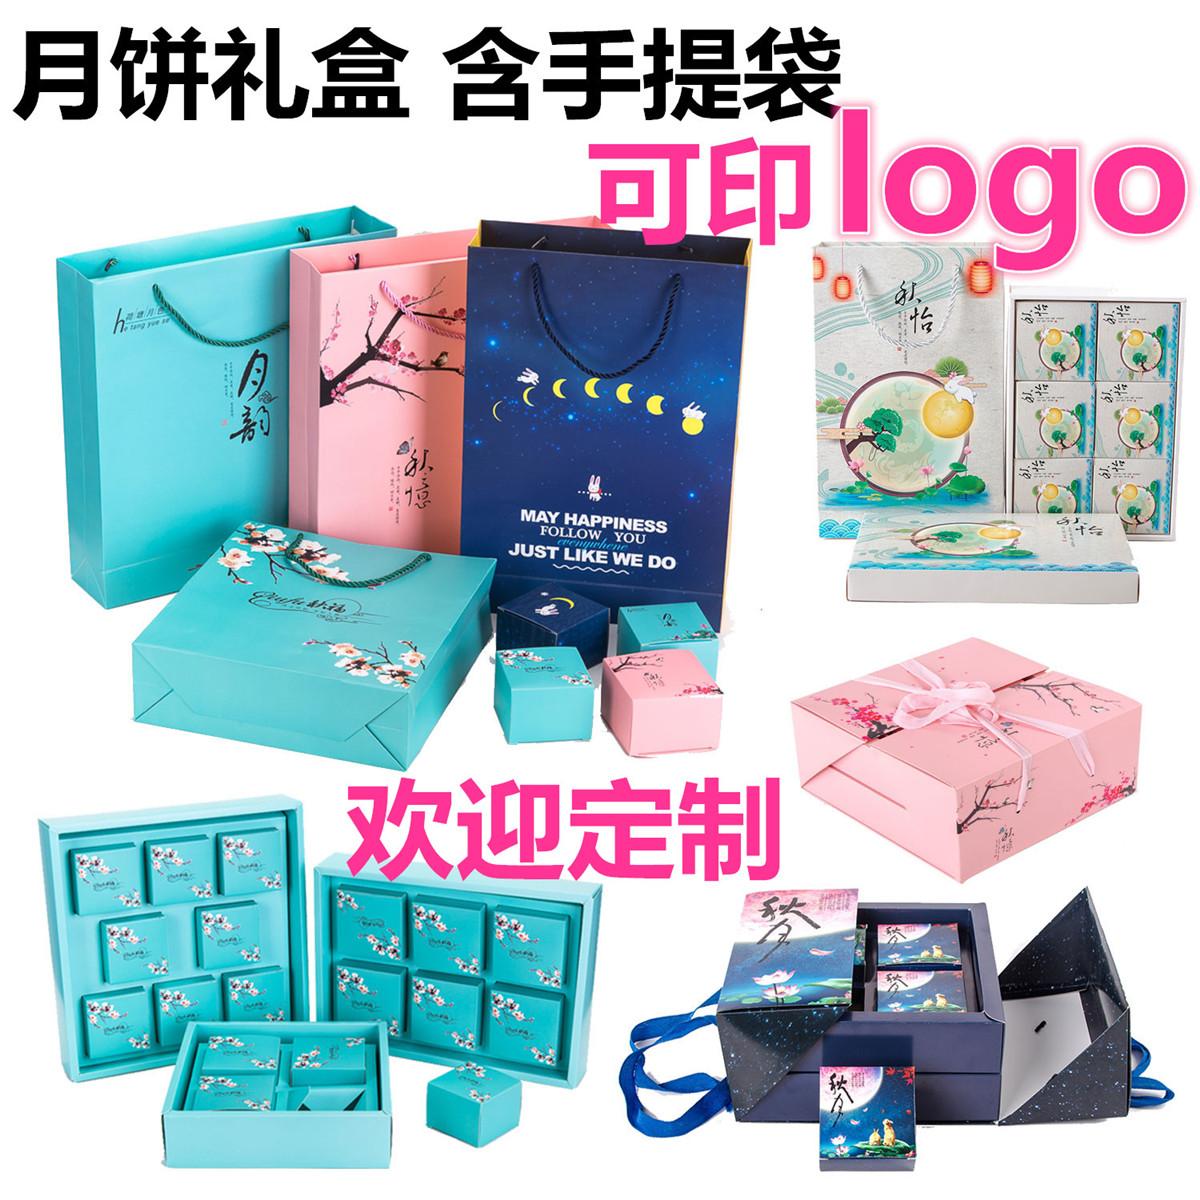 Alta qualidade caixa de presente caixa de embalagem de Bolo personalizado logotipo portátil Hotel praça caixa de lata de Folha de Flandres 4